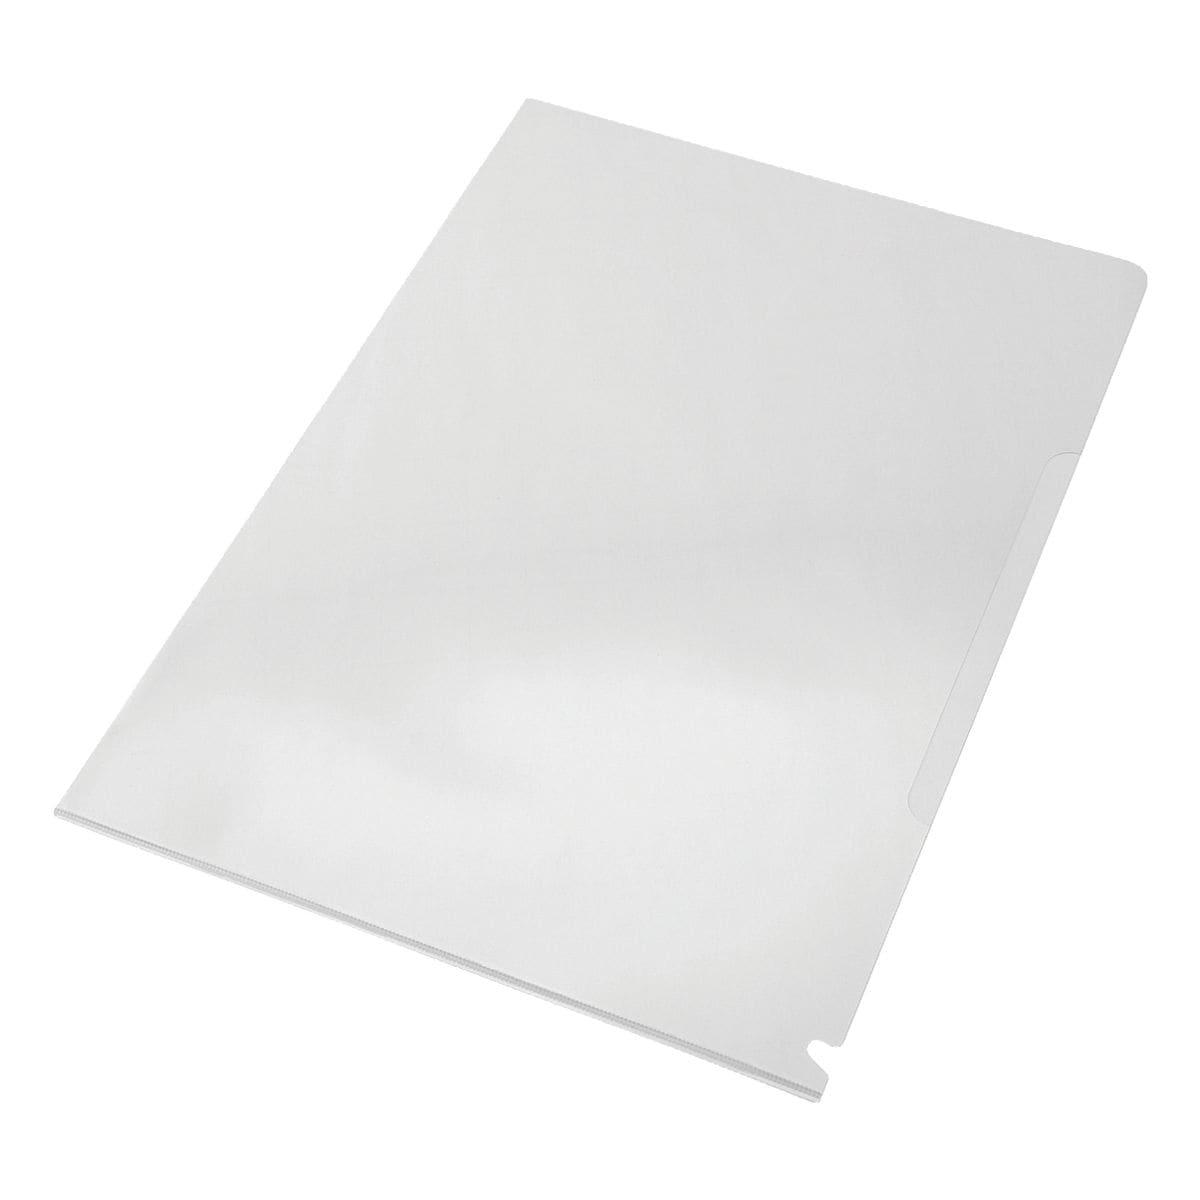 EICHNER Sammelhülle A4 genarbt/transparent, oben und seitlich offen 0,18 mm - 100 Stück